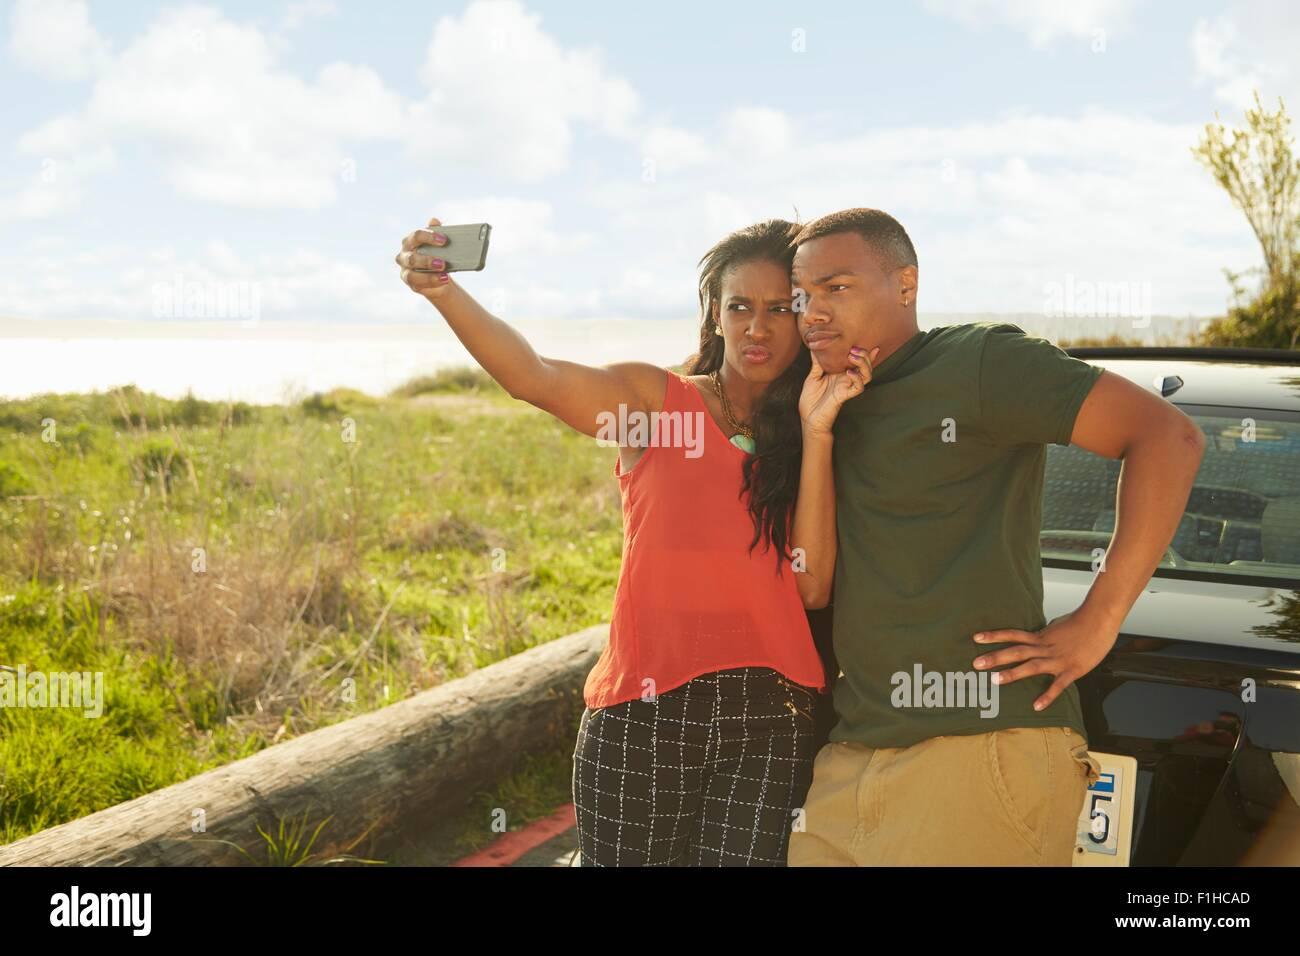 Pareja joven con smartphone, teniendo selfie, haciendo caras Imagen De Stock